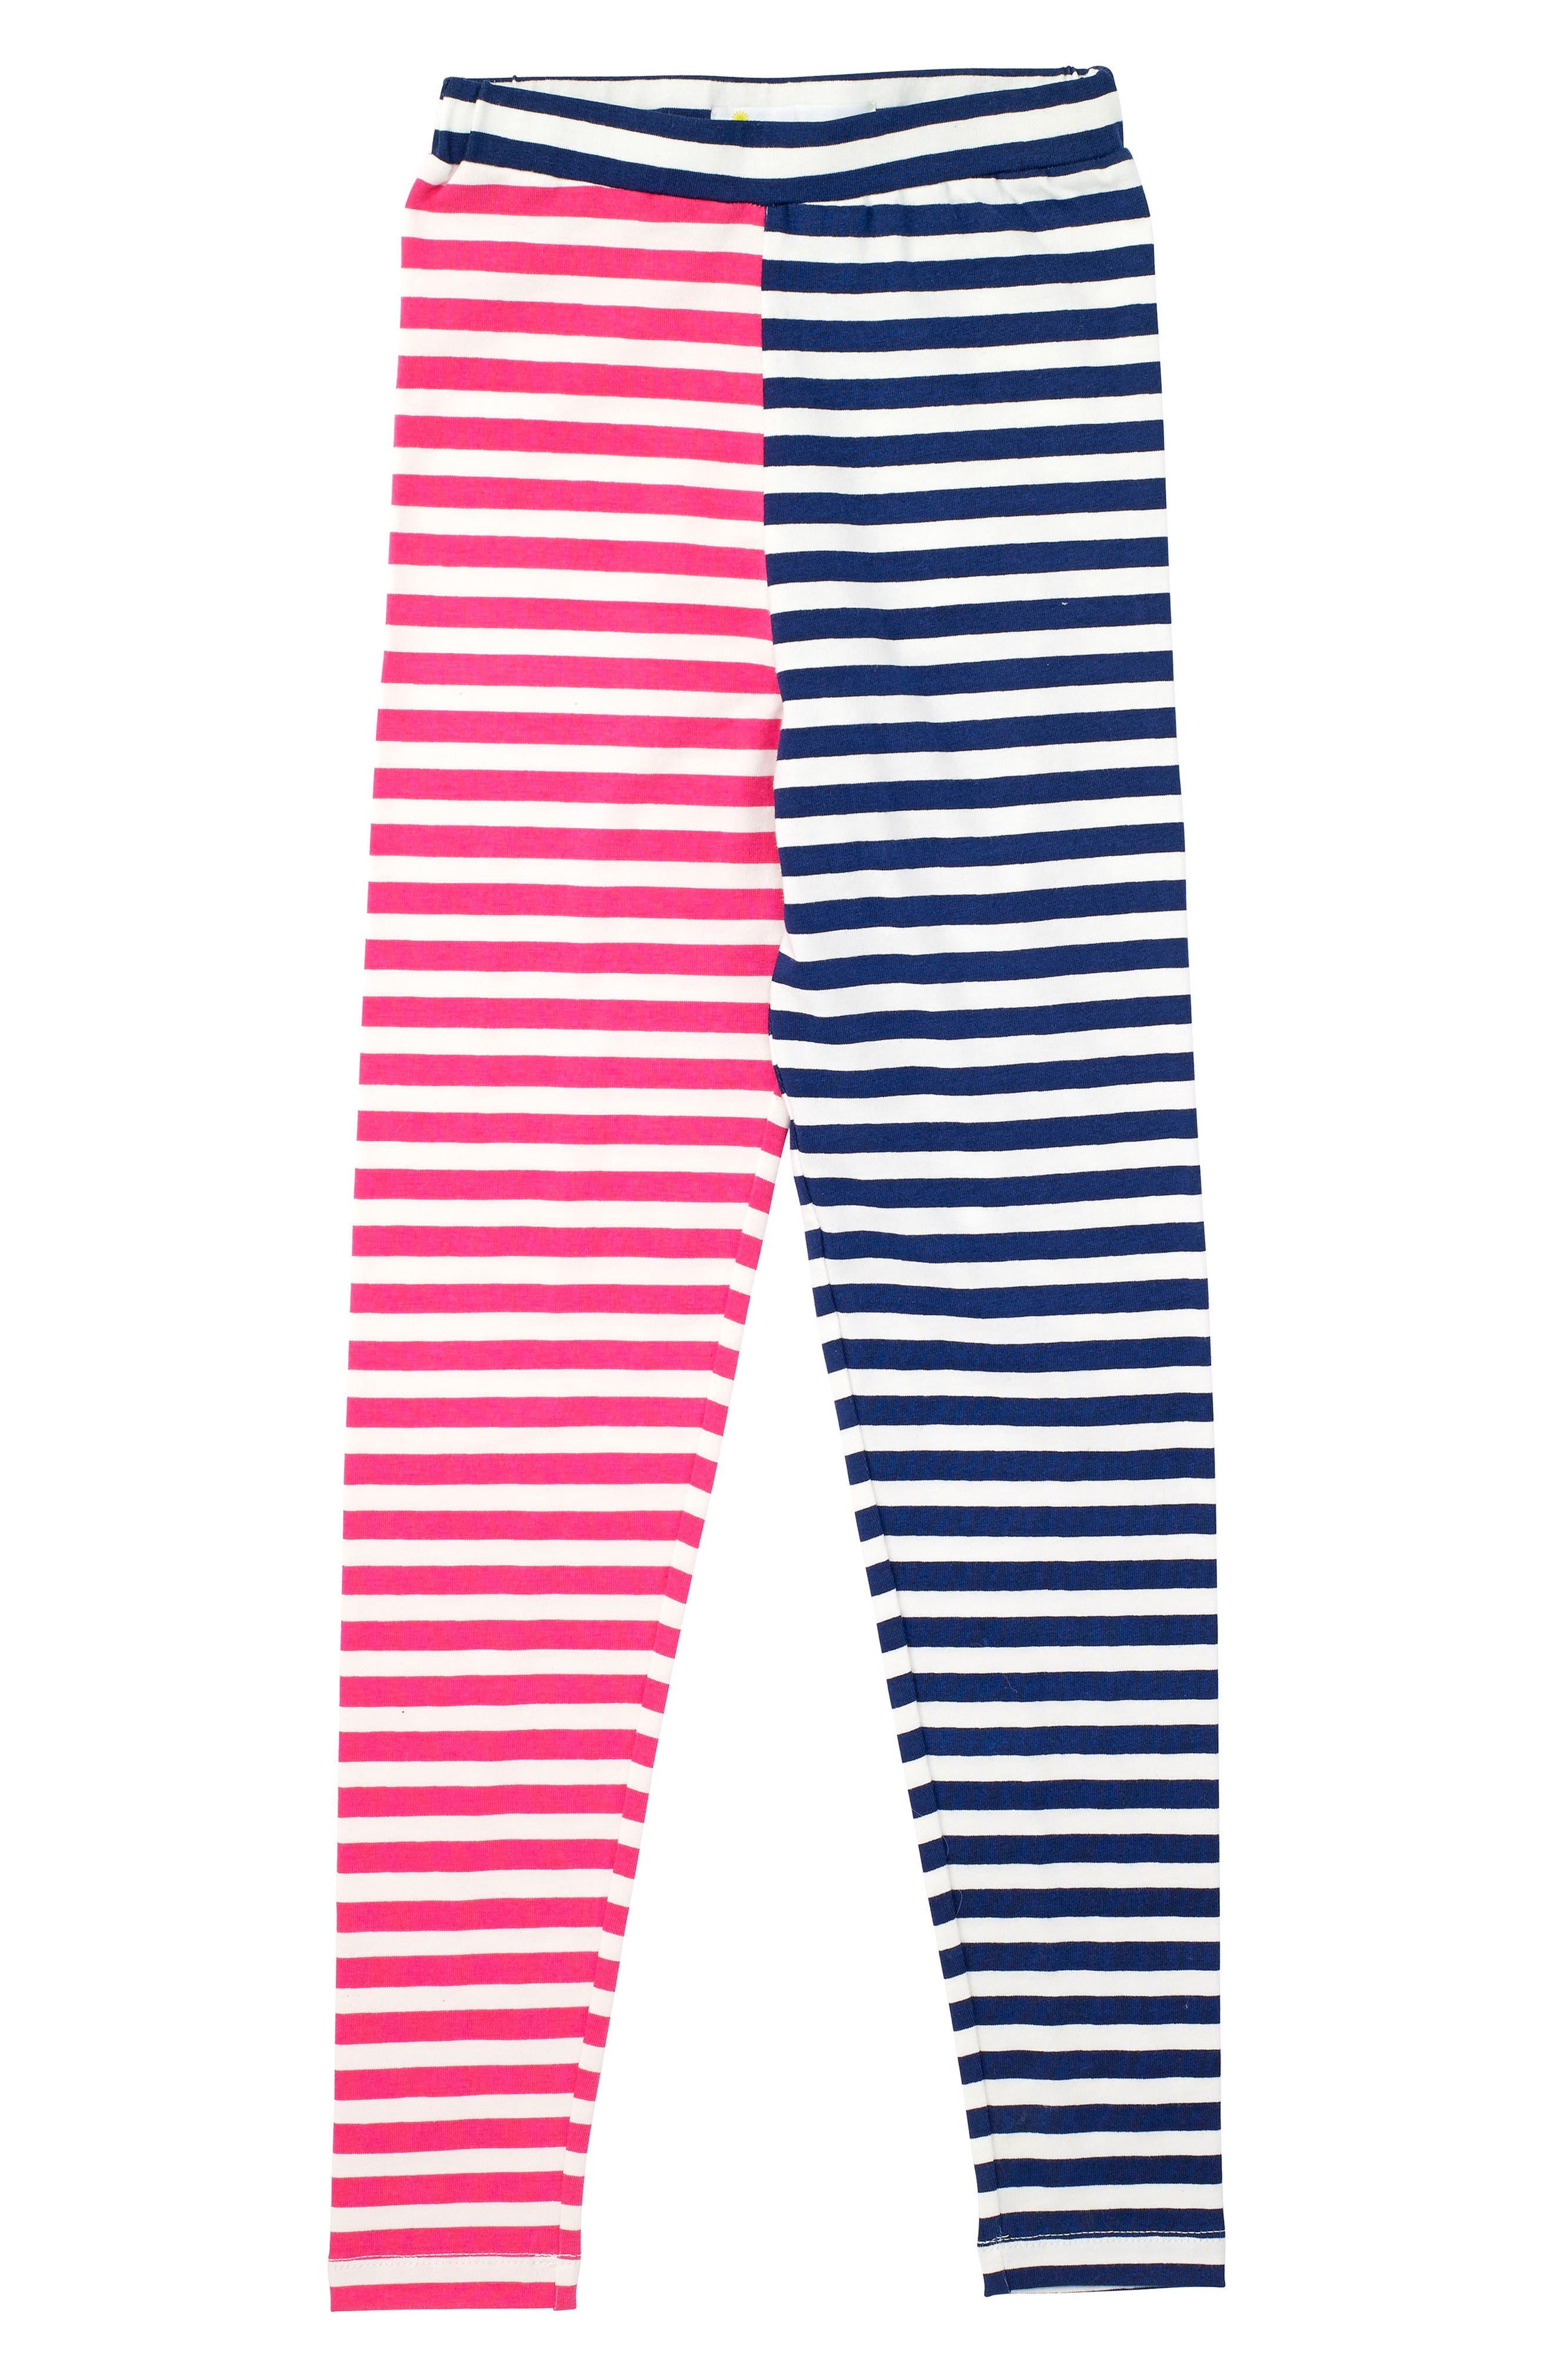 Alternate Image 1 Selected - Masasla Baby Stripe Organic Cotton Leggings (Toddler Girls, Little Girls & Big Girls)